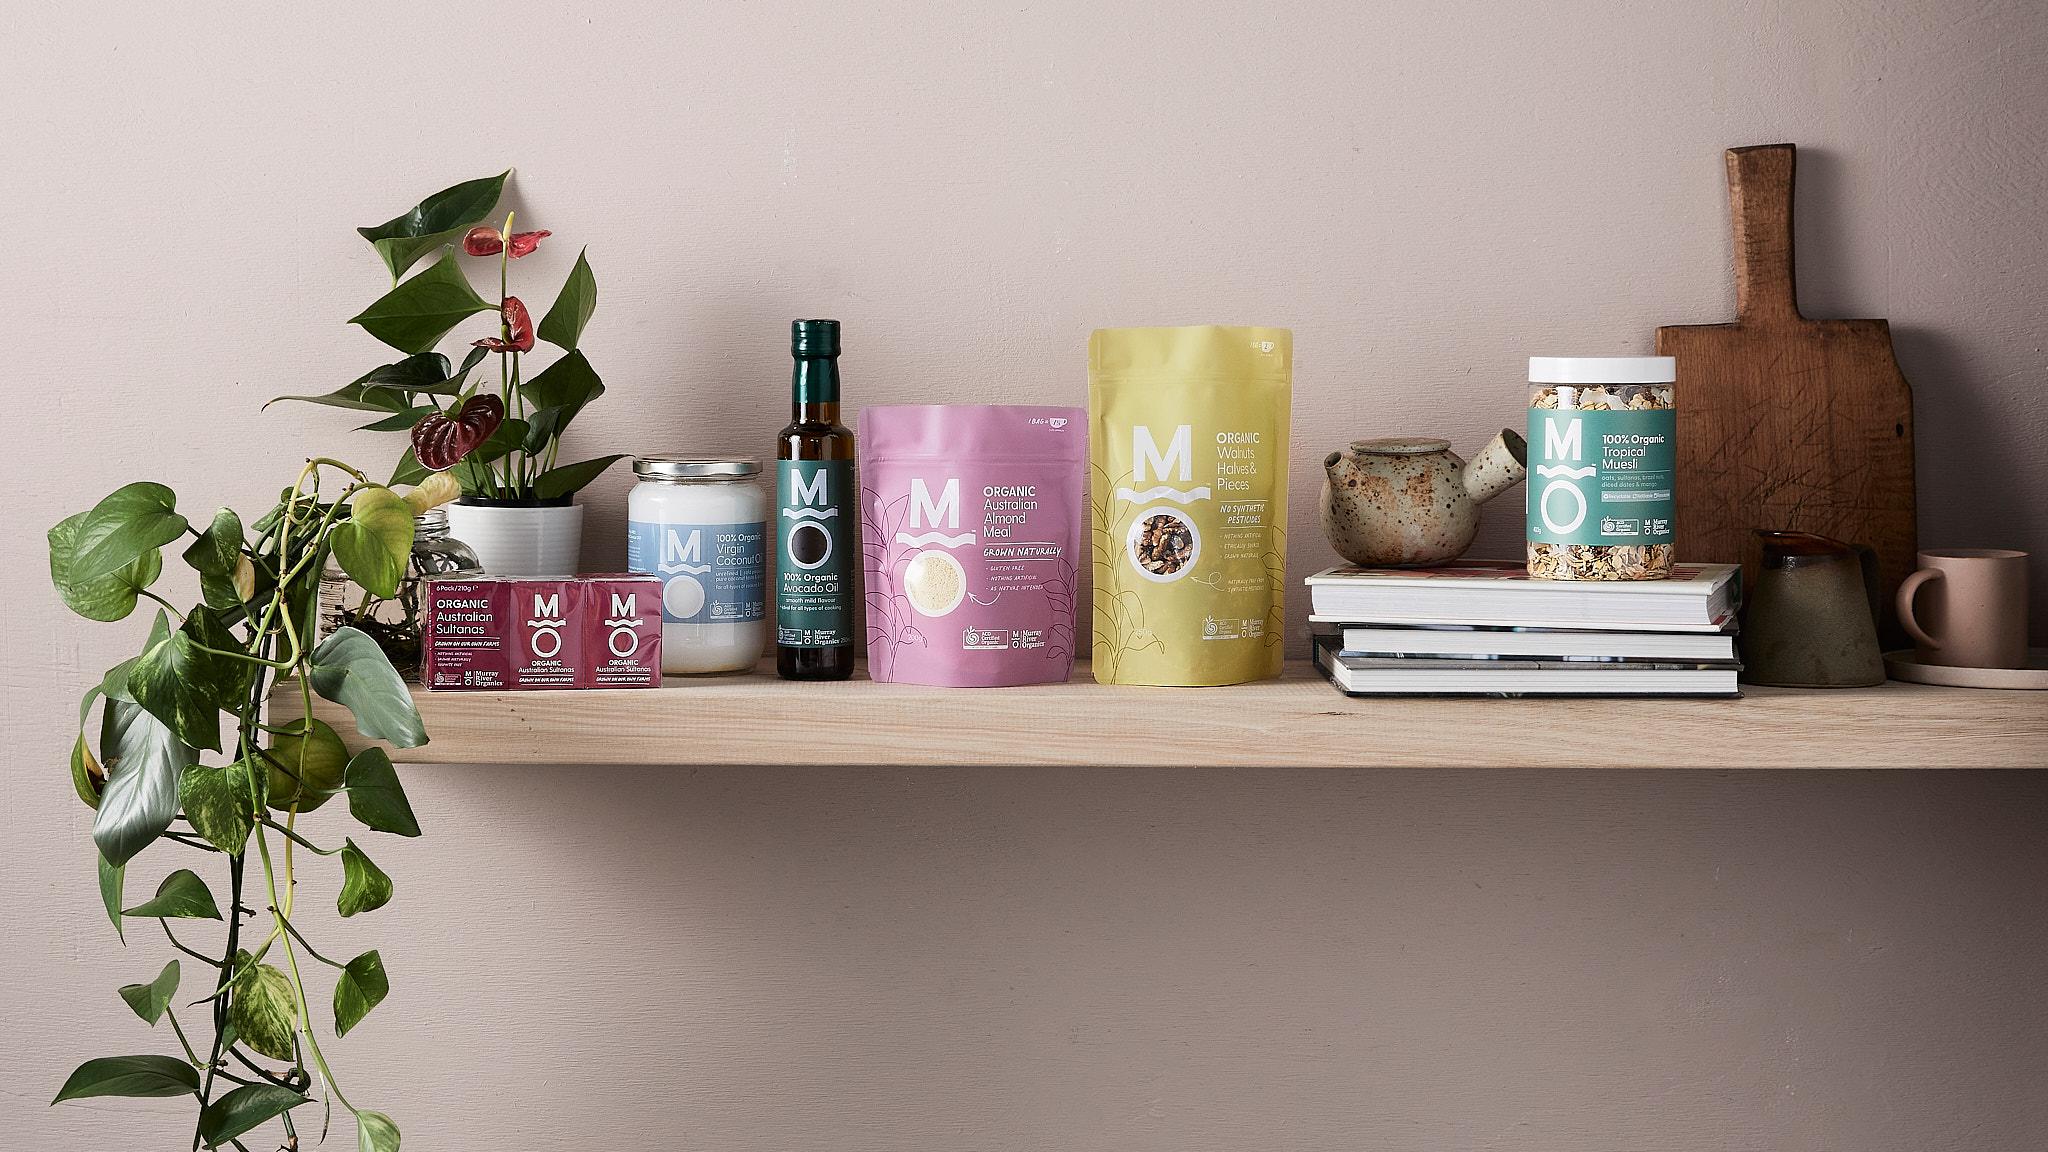 MRO Organic Range Shelf